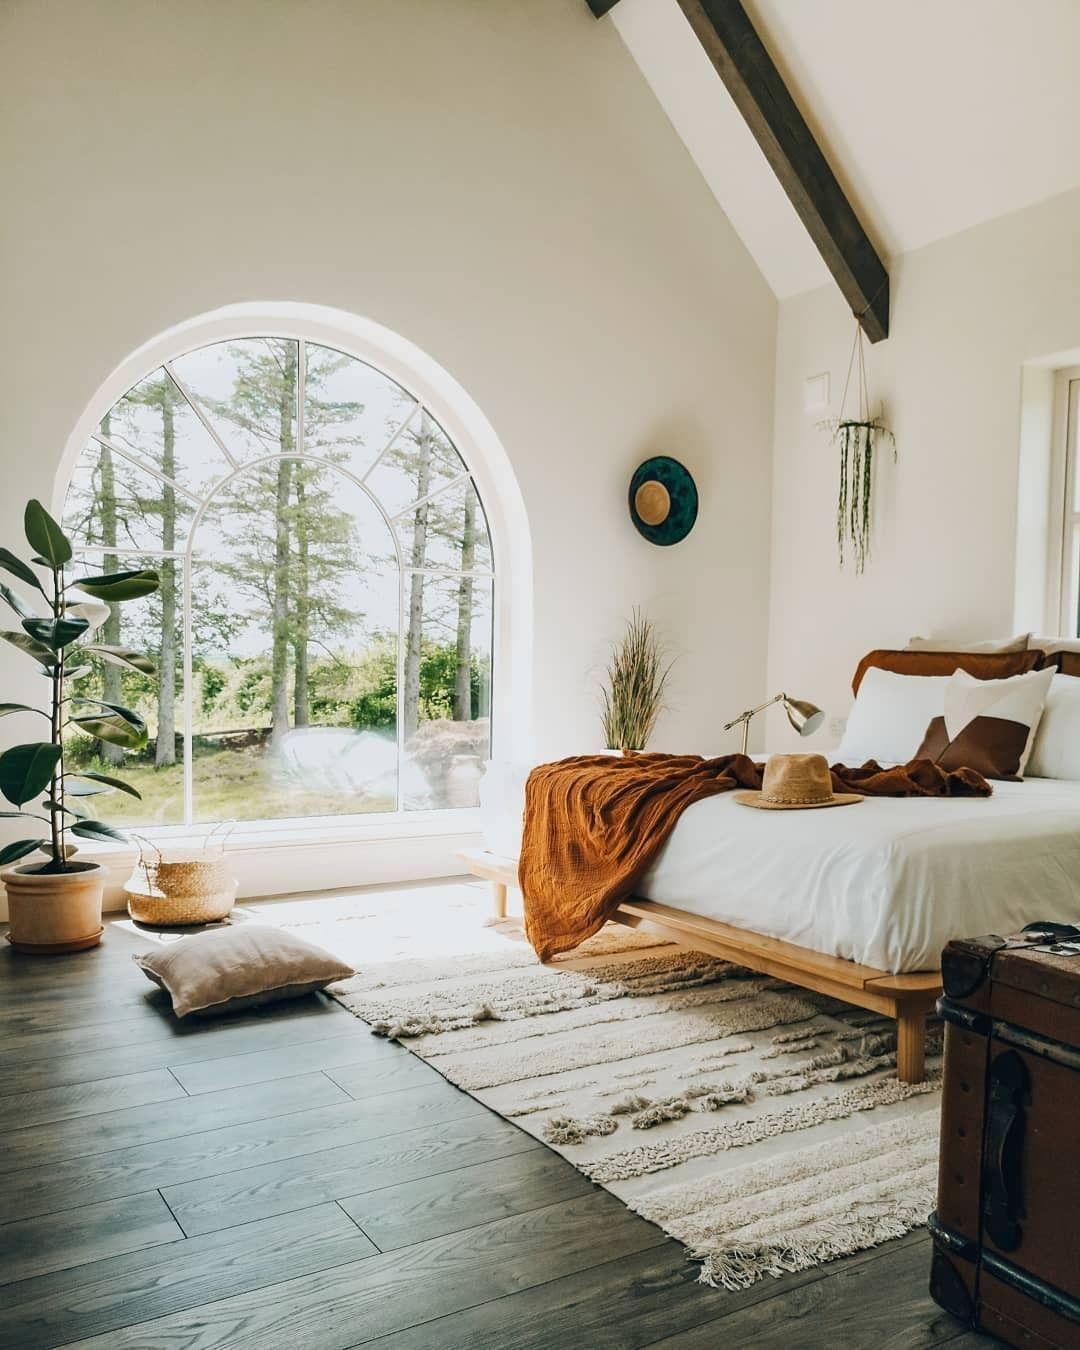 Retro Slaapkamer Ideeen.Mylovelyhome Nl On Instagram Goedemorgen Allemaal Wat Een